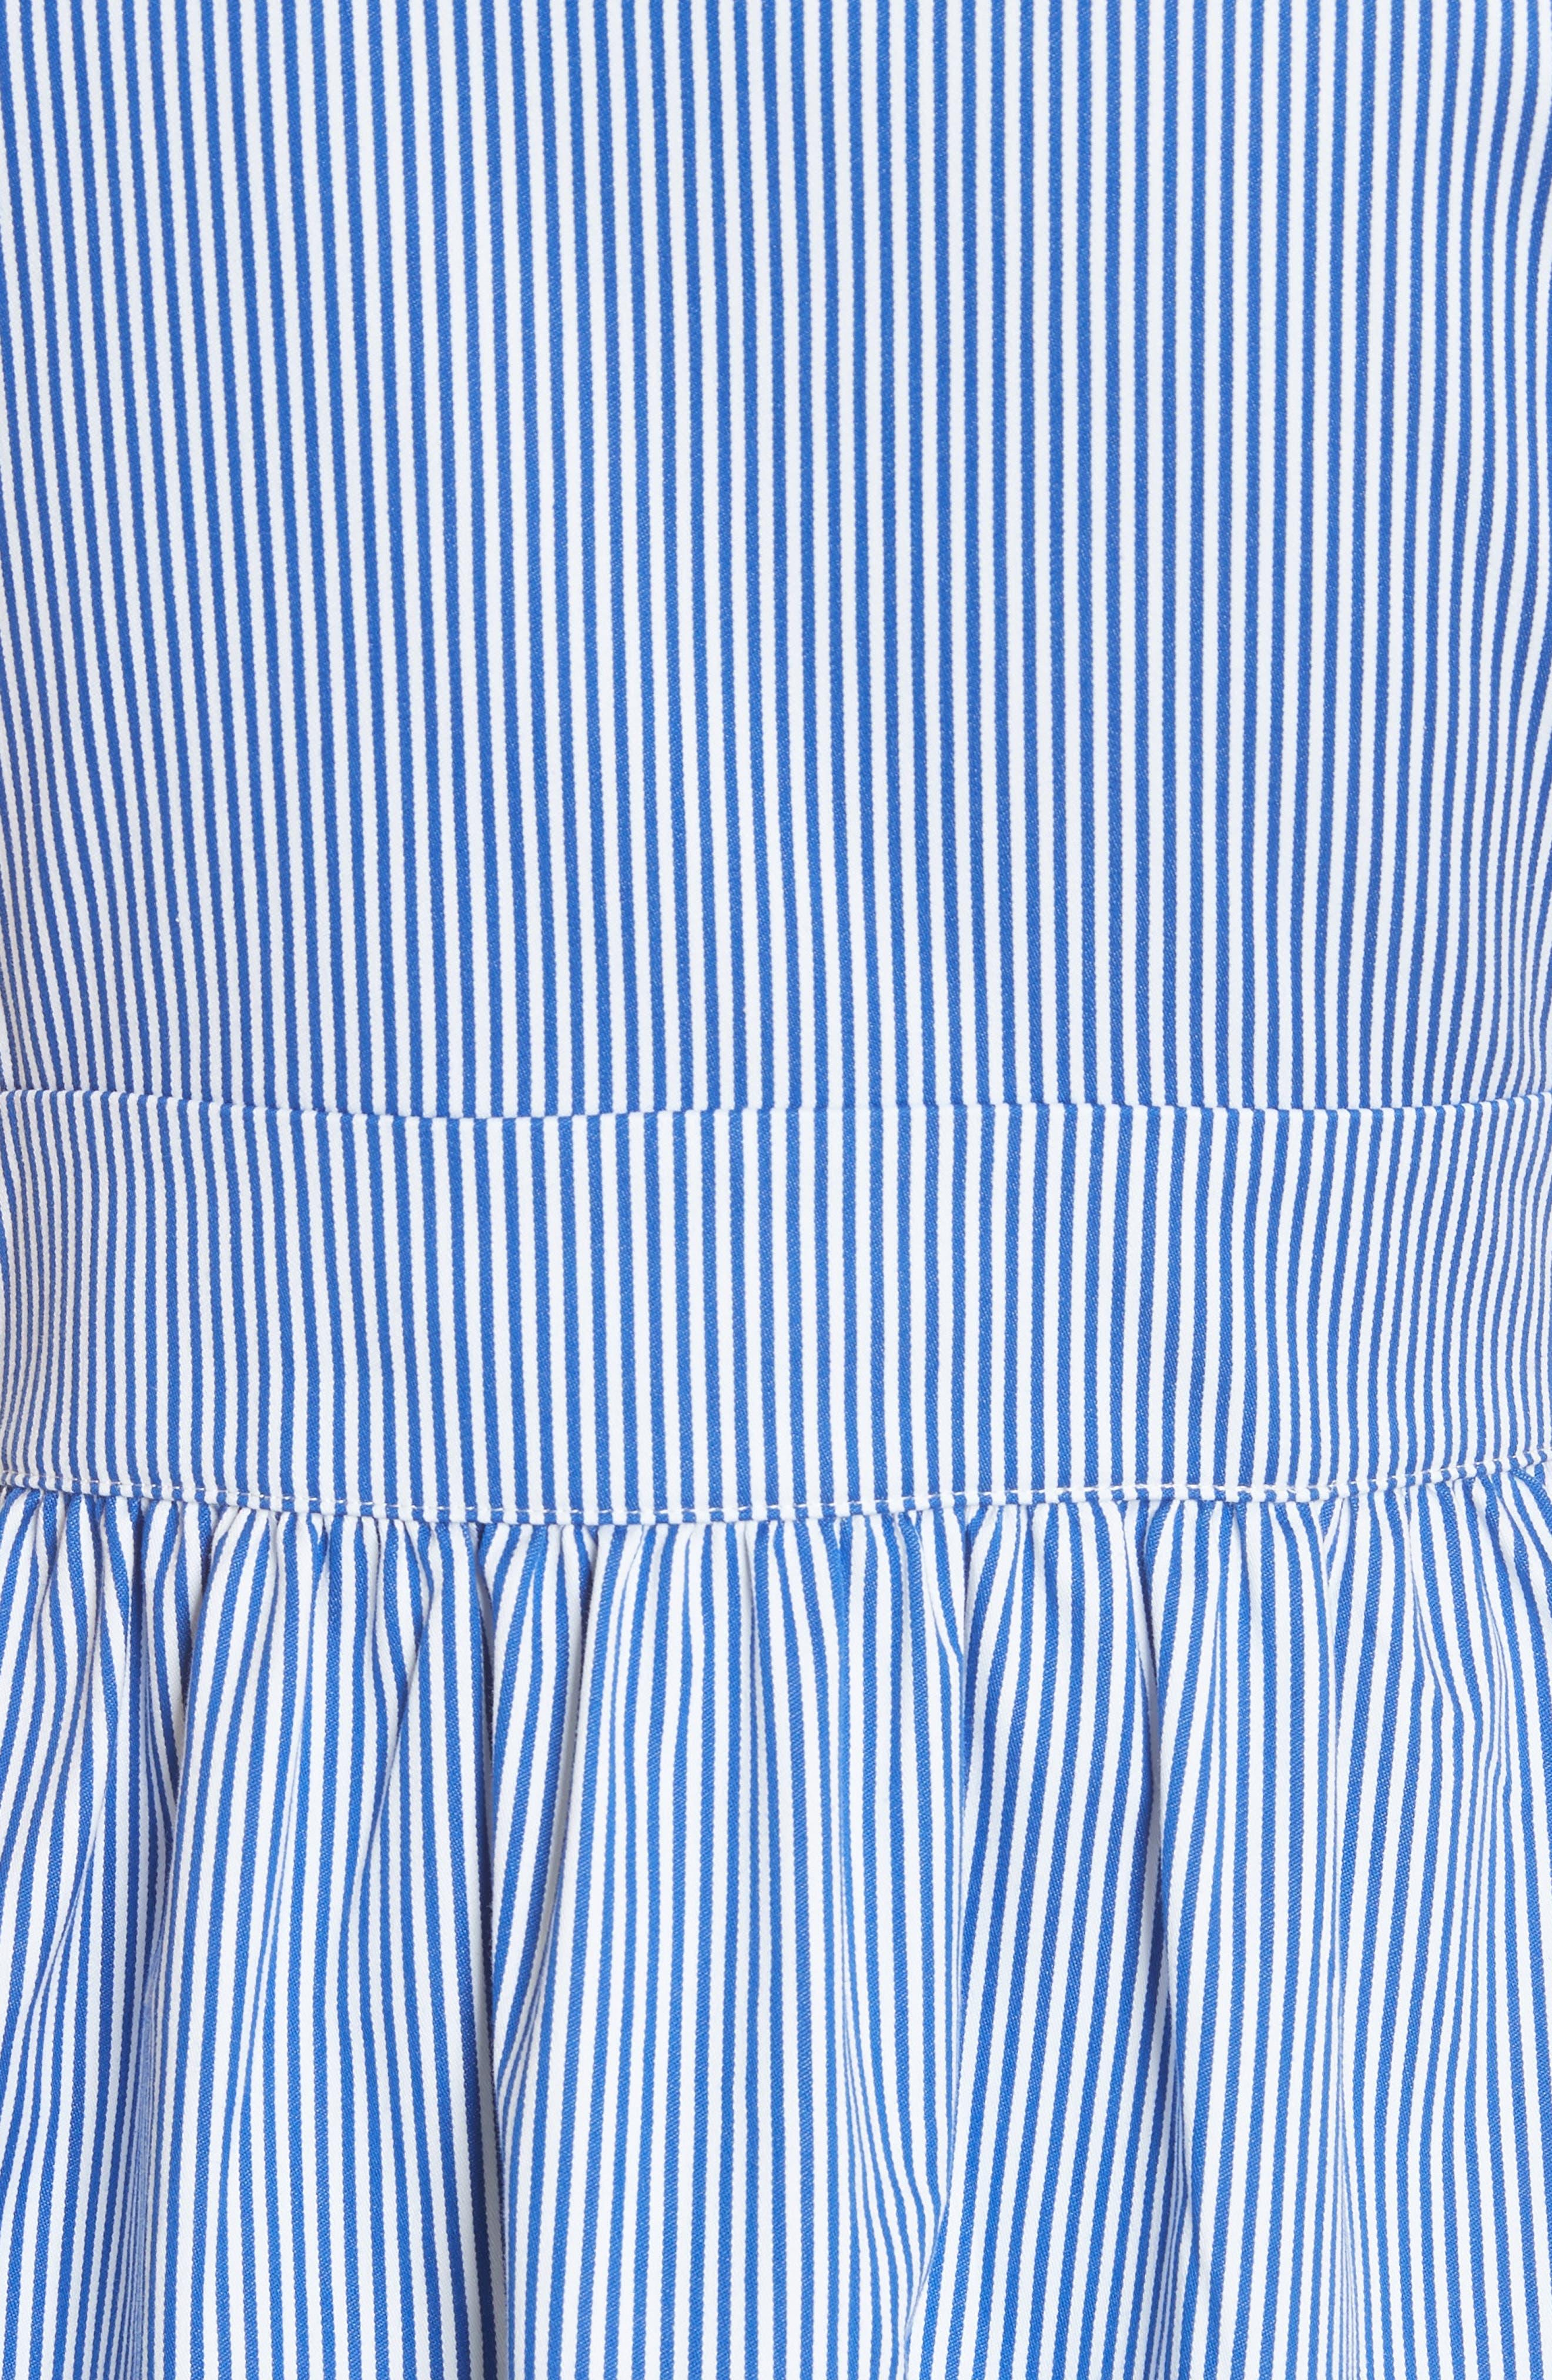 Stripe Frill Bib Fit & Flare Dress,                             Alternate thumbnail 5, color,                             110